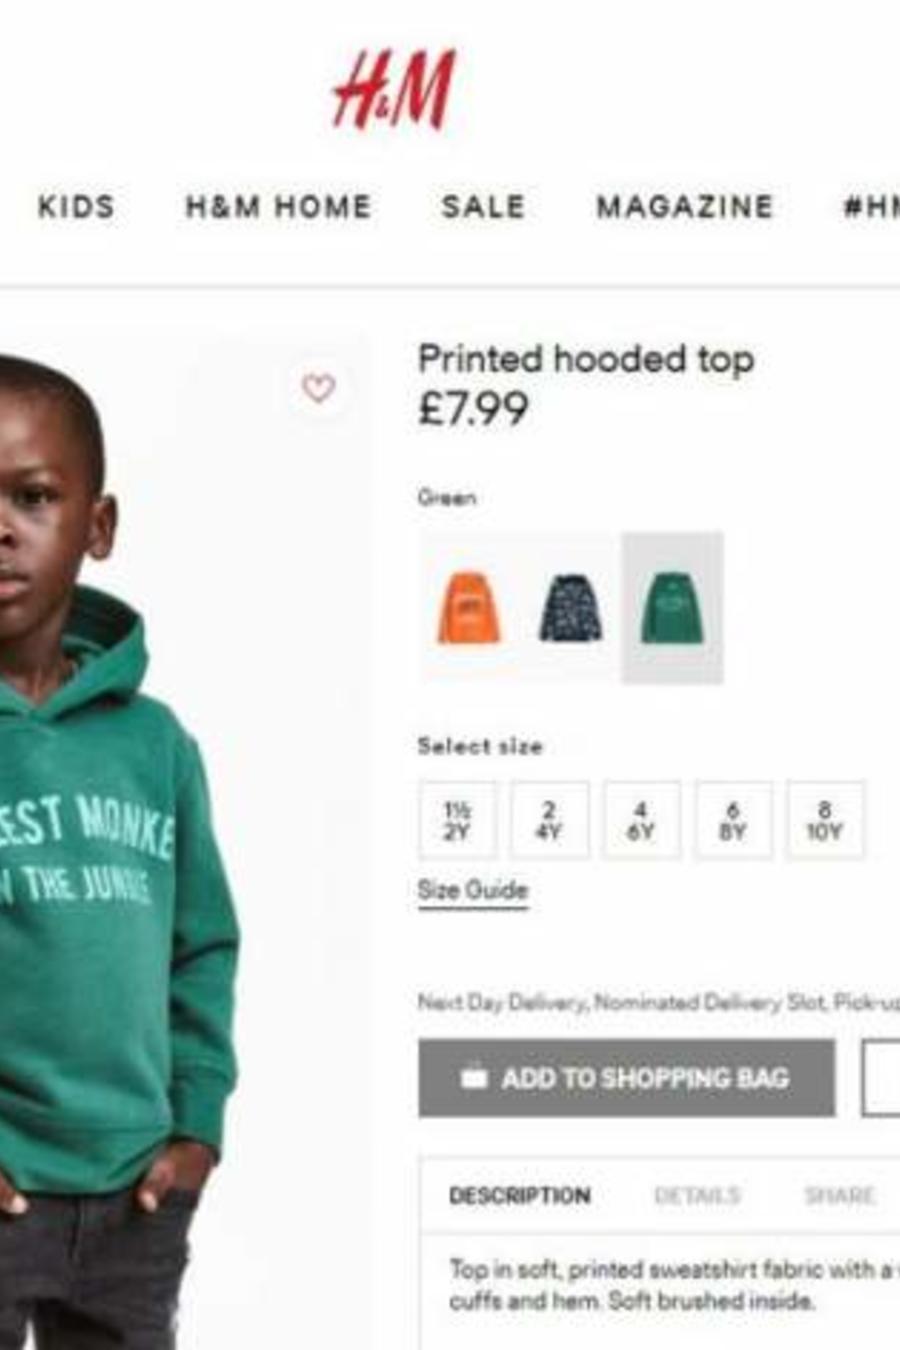 Publicidad en el sitio web de H&M que fue retirada por ser considerada racista.